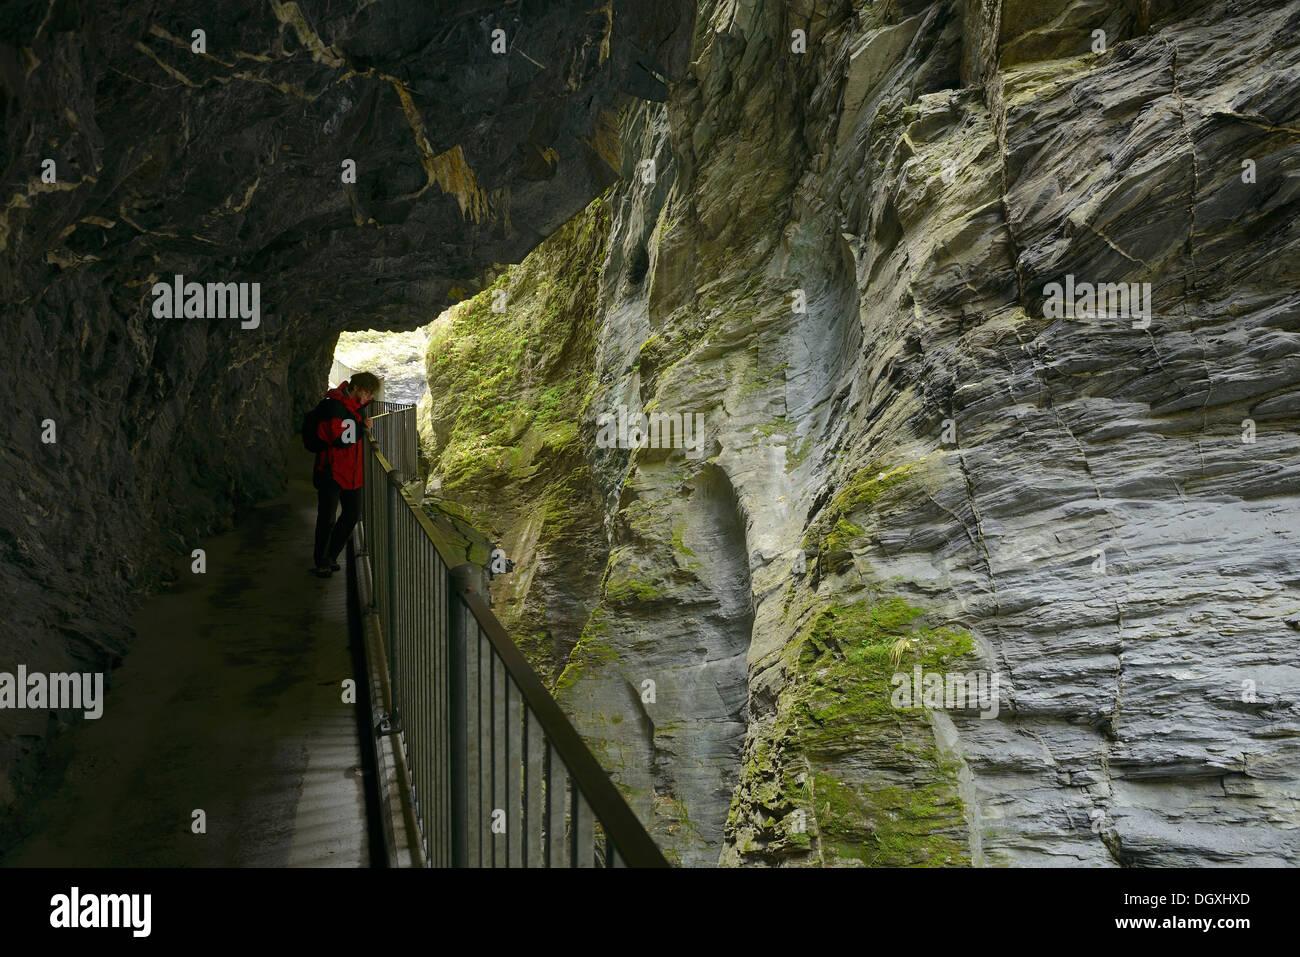 Les touristes à la recherche vers le bas dans la gorge de Viamala près de Thusis, dans le canton des Grisons, Suisse, Europe Photo Stock